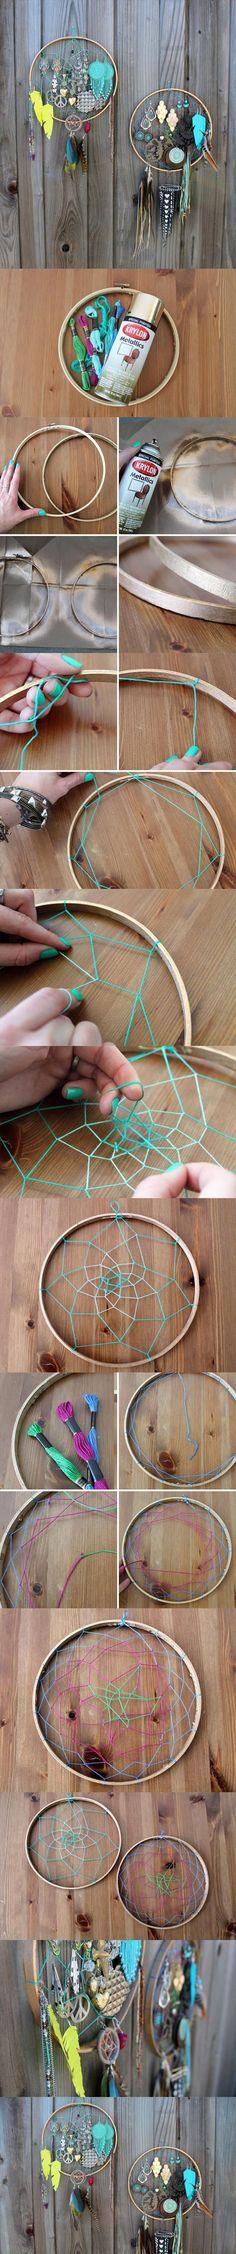 such a cute idea      #craft #crafty #DIY